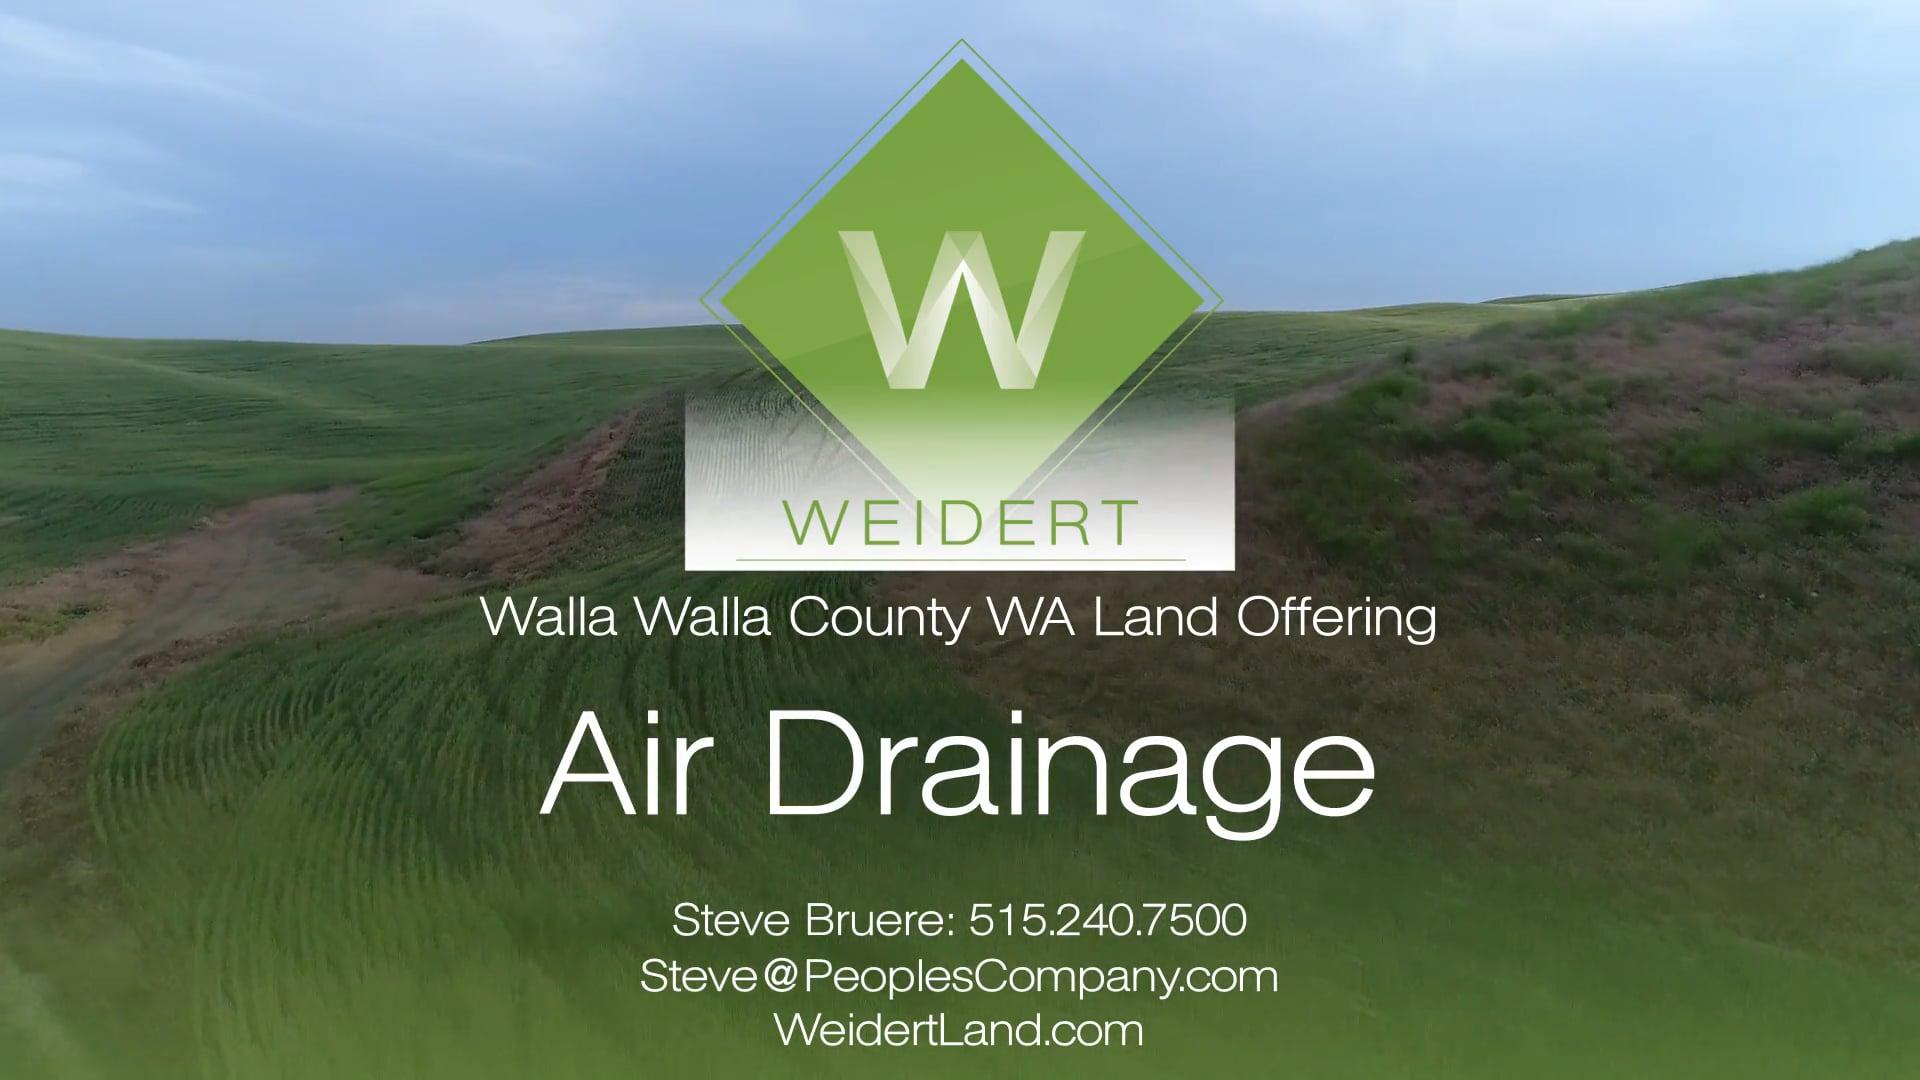 Air Drainage